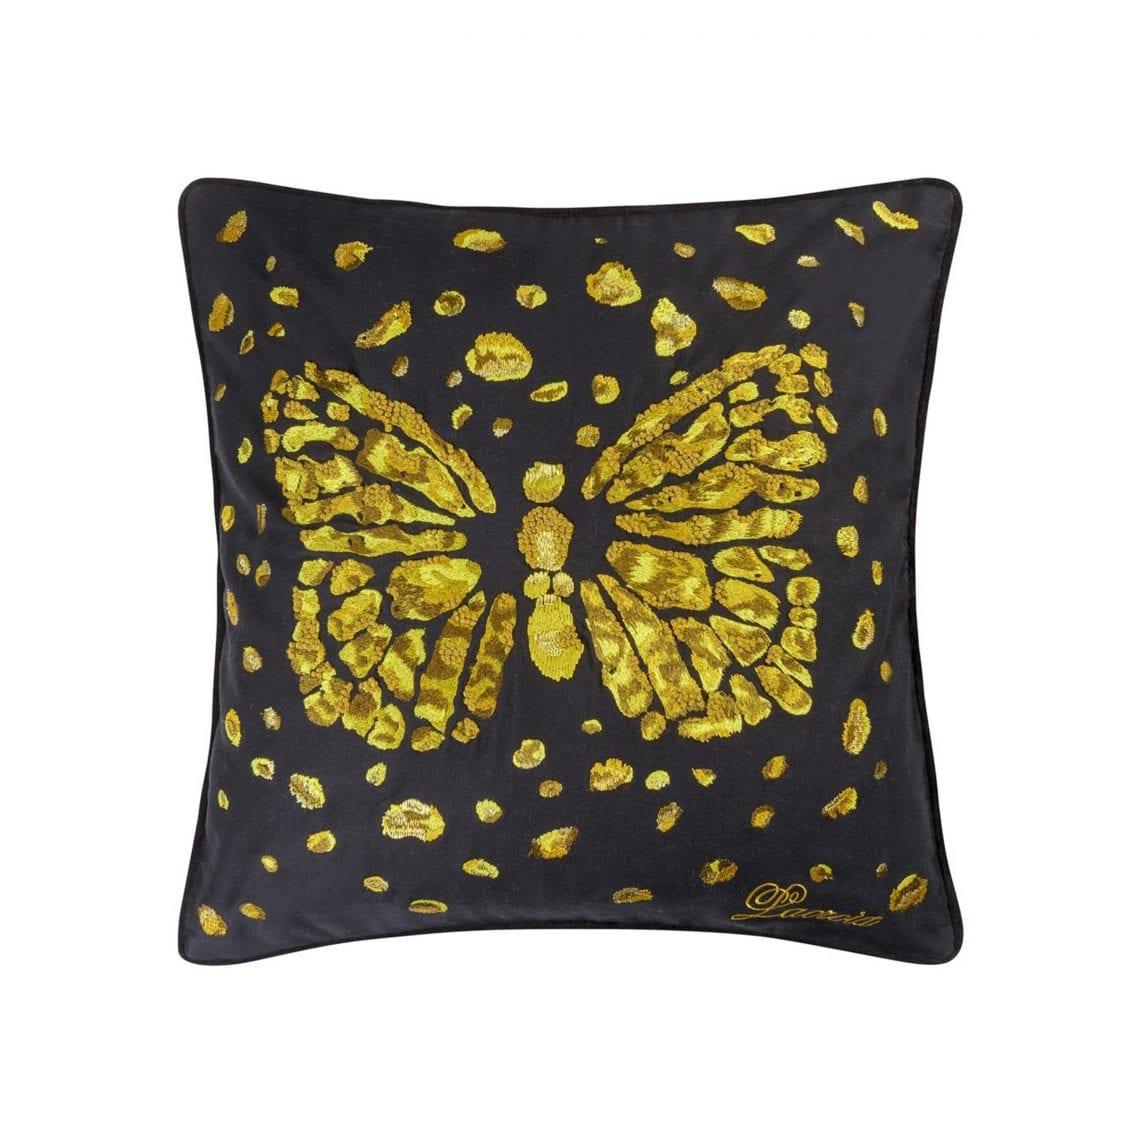 Glamoureus kussen met vlinder opdruk, van Christian Lacroix